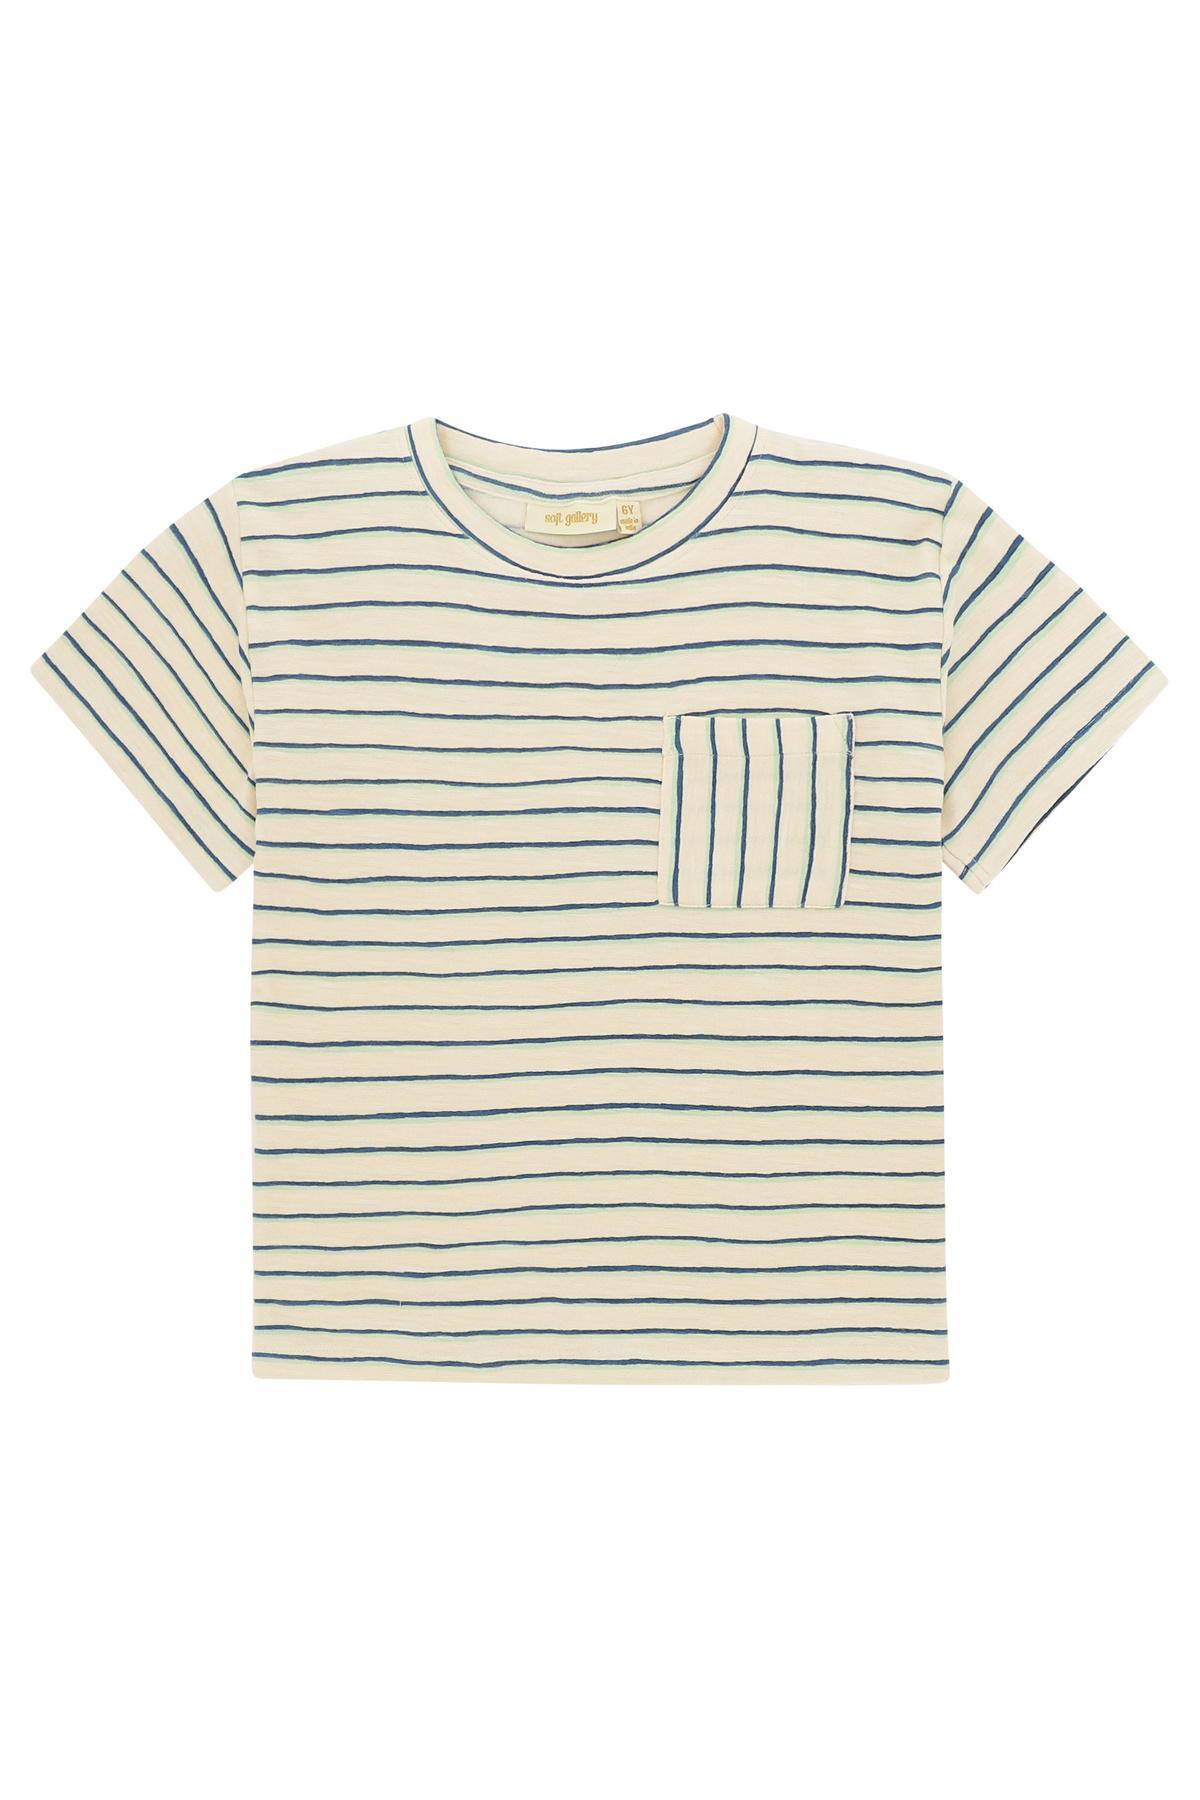 Asger t-shirt - Gardenia-1